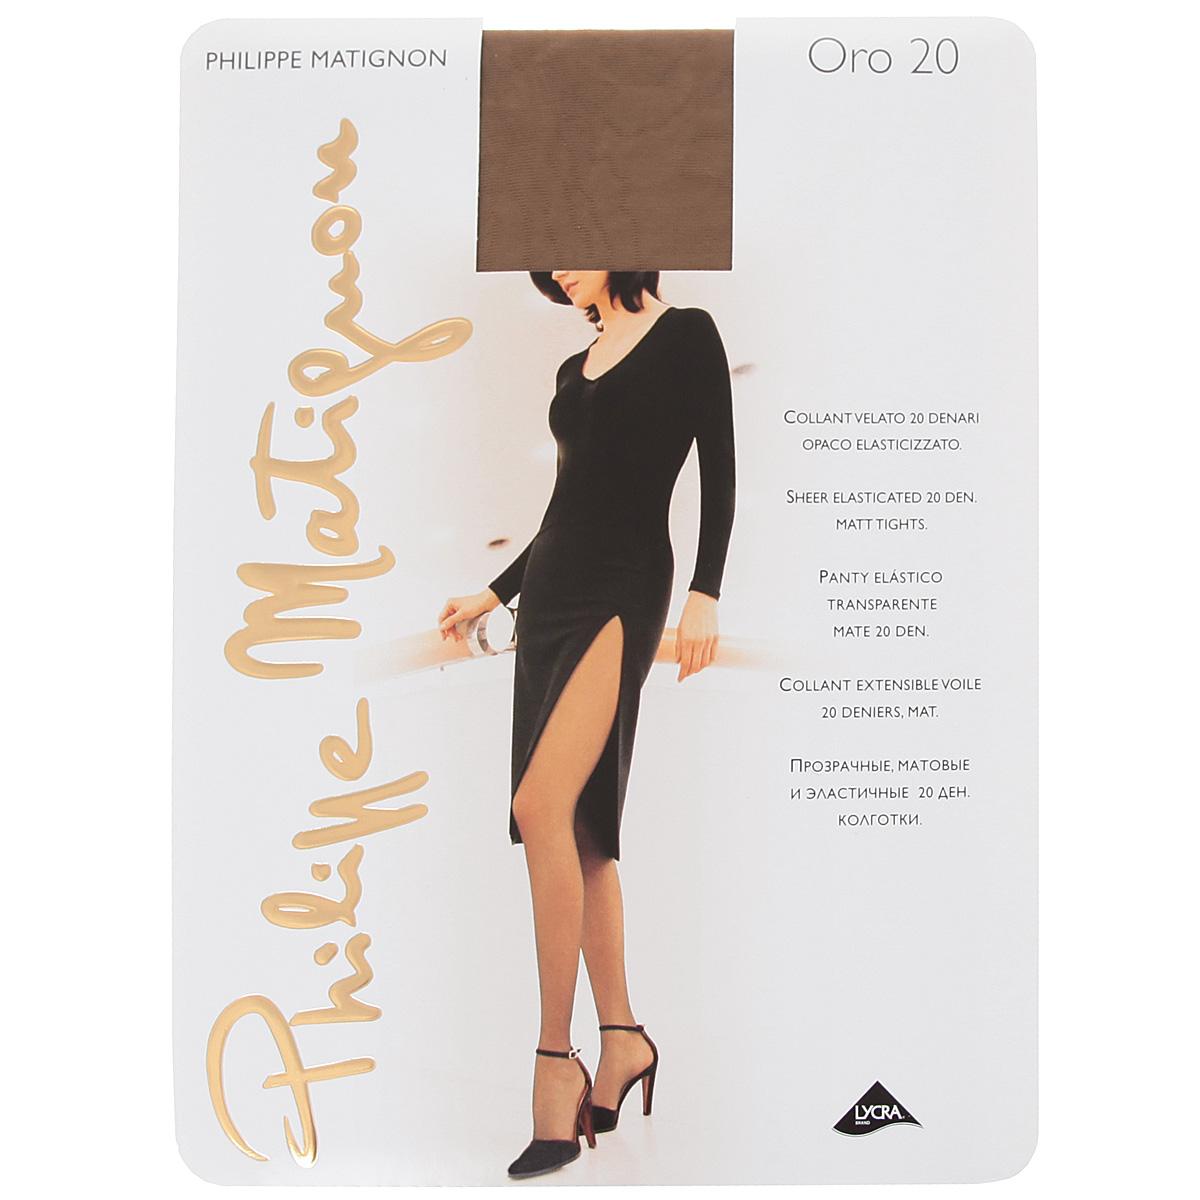 Колготки классические Oro 20М109054 CognacПлотность: 20 ден. Колготки шелковистые и матовые, мягкие и прозрачные, с двойной обкруткой Lycra. Без трусиков, с утягивающими штанишками, с плоским швом. Мысок не уплотнен. Philippe Matignon - это элегантный, изысканный и соблазнительный бренд. Philippe Matignon означает новаторство, поиск, строгий контроль! Все чулочно-носочные изделия Philippe Matignon изготавливаются из нитей высочайшего качества и новейших волокон. Волокна, такие, как 6/4 нейлон, зарегистрированы в Книге Рекордов Гиннеса как самые тонкие нити в мире. Для Philippe Matignon на первом месте стоит поиск новых нитей и более сложных производственных технологий. Philippe Matignon также известен элегантной отделкой изделий и особым вниманием к деталям. Philippe Matignon - французский стилист, чьи идеи могут помочь вашим ножкам быть элегантными и очаровательными. С 1983 года Philippe Matignon доверяет только современным решениям, использует только самую качественную пряжу и самые свежие...